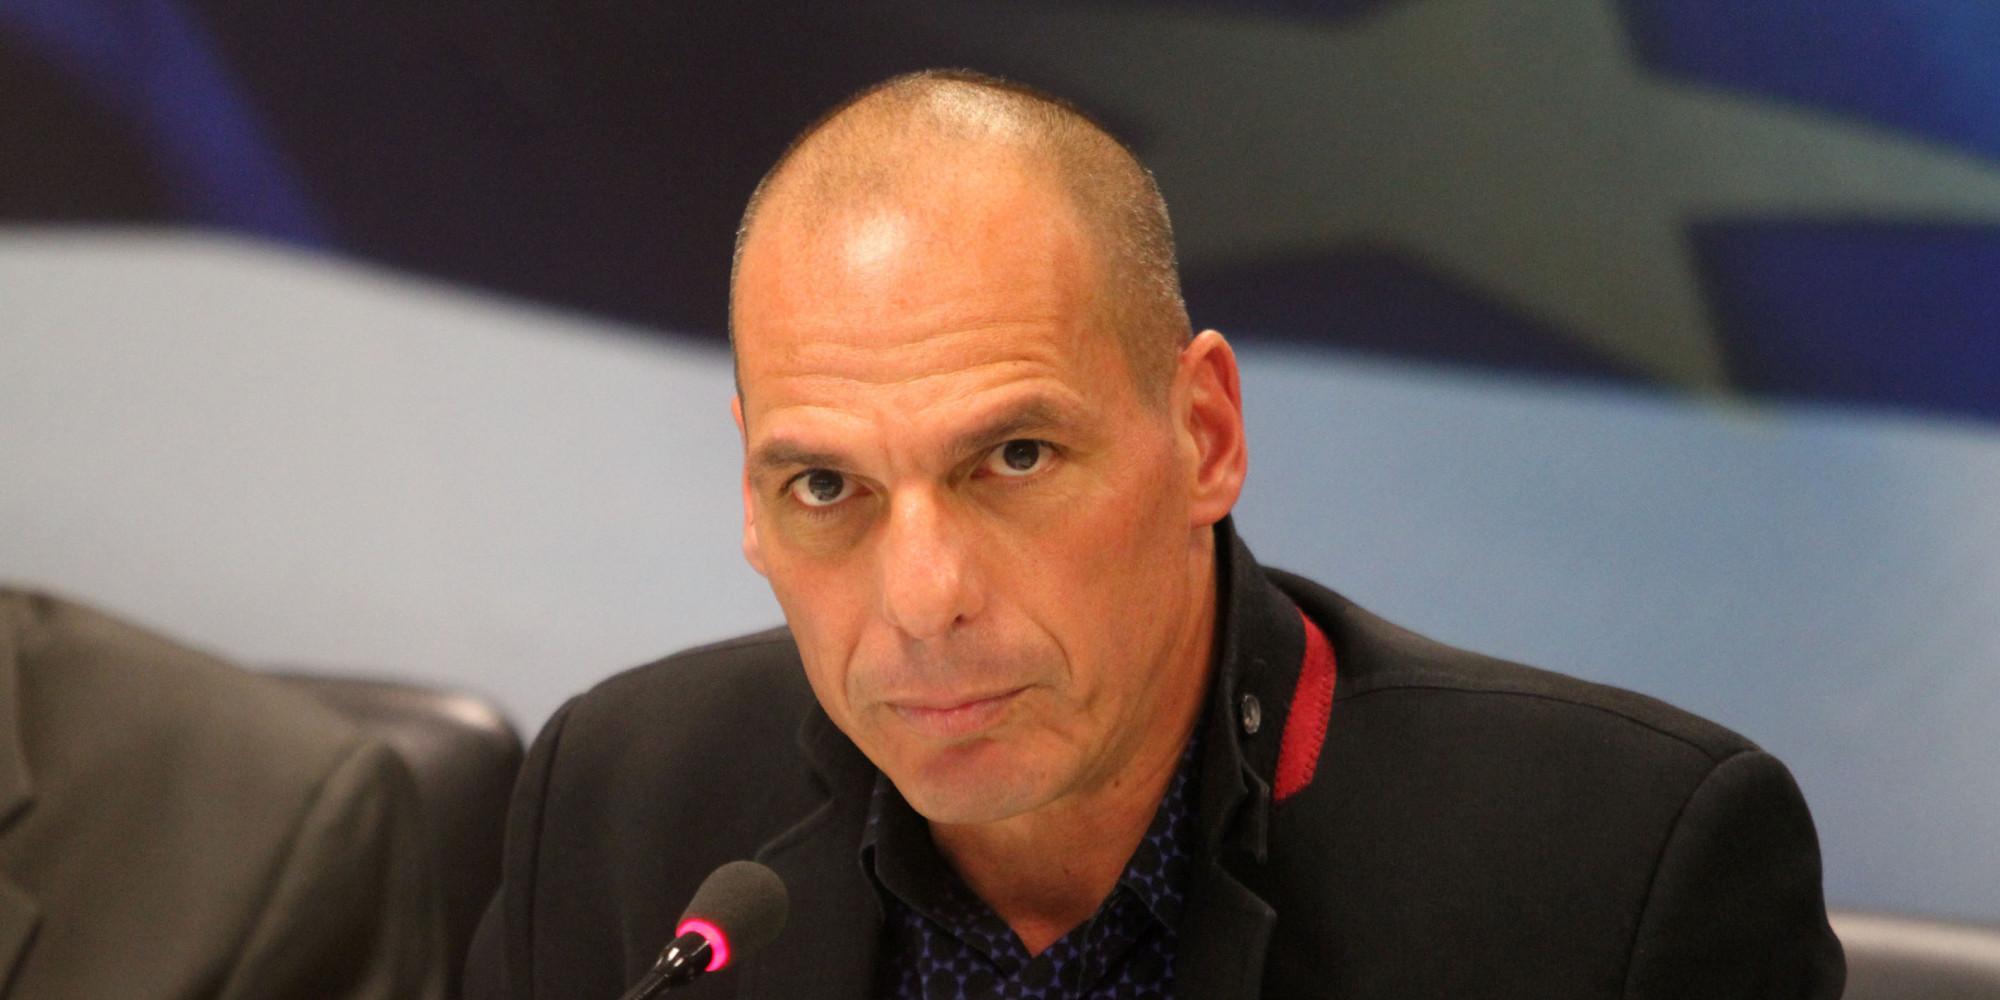 Vaourfakis